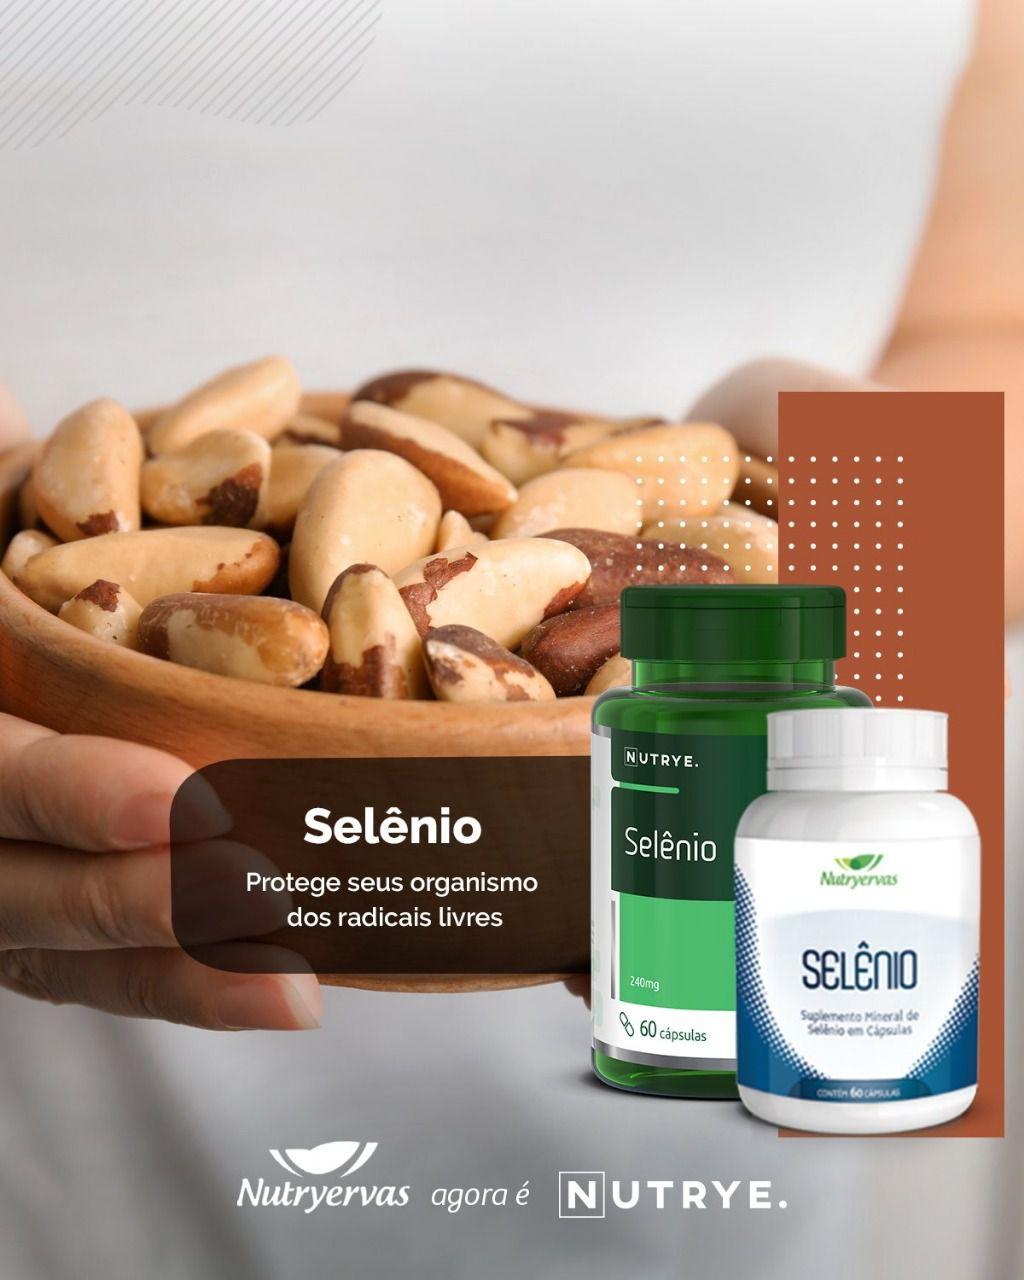 SUPLEMENTO MINERAL DE SELÊNIO NUTRYERVAS 60 CÁPSULAS